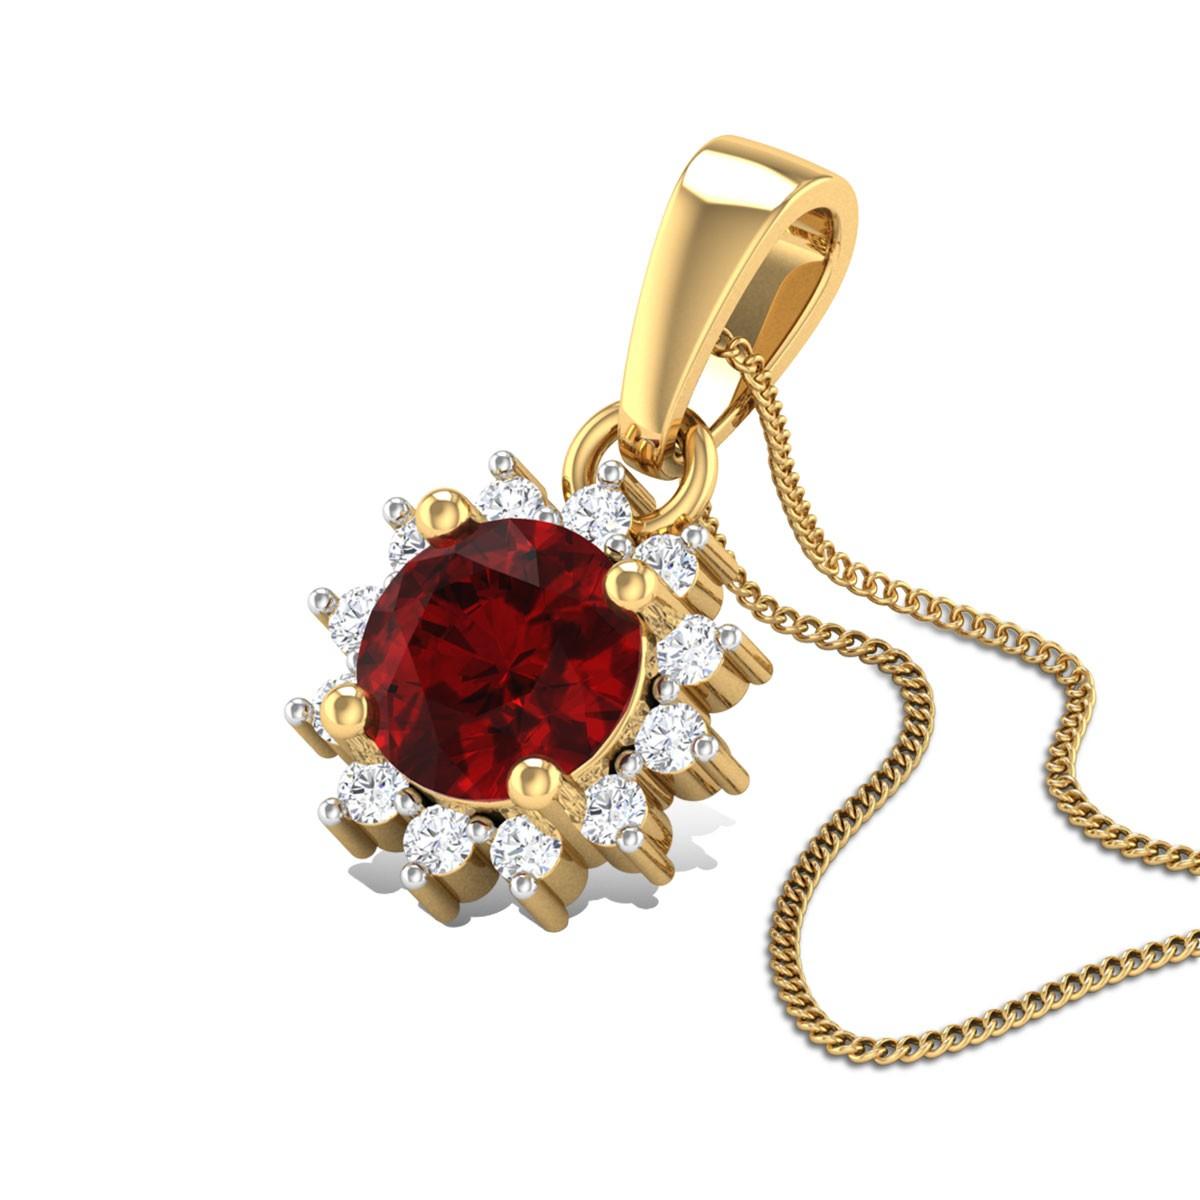 Precious Diamond Pendant